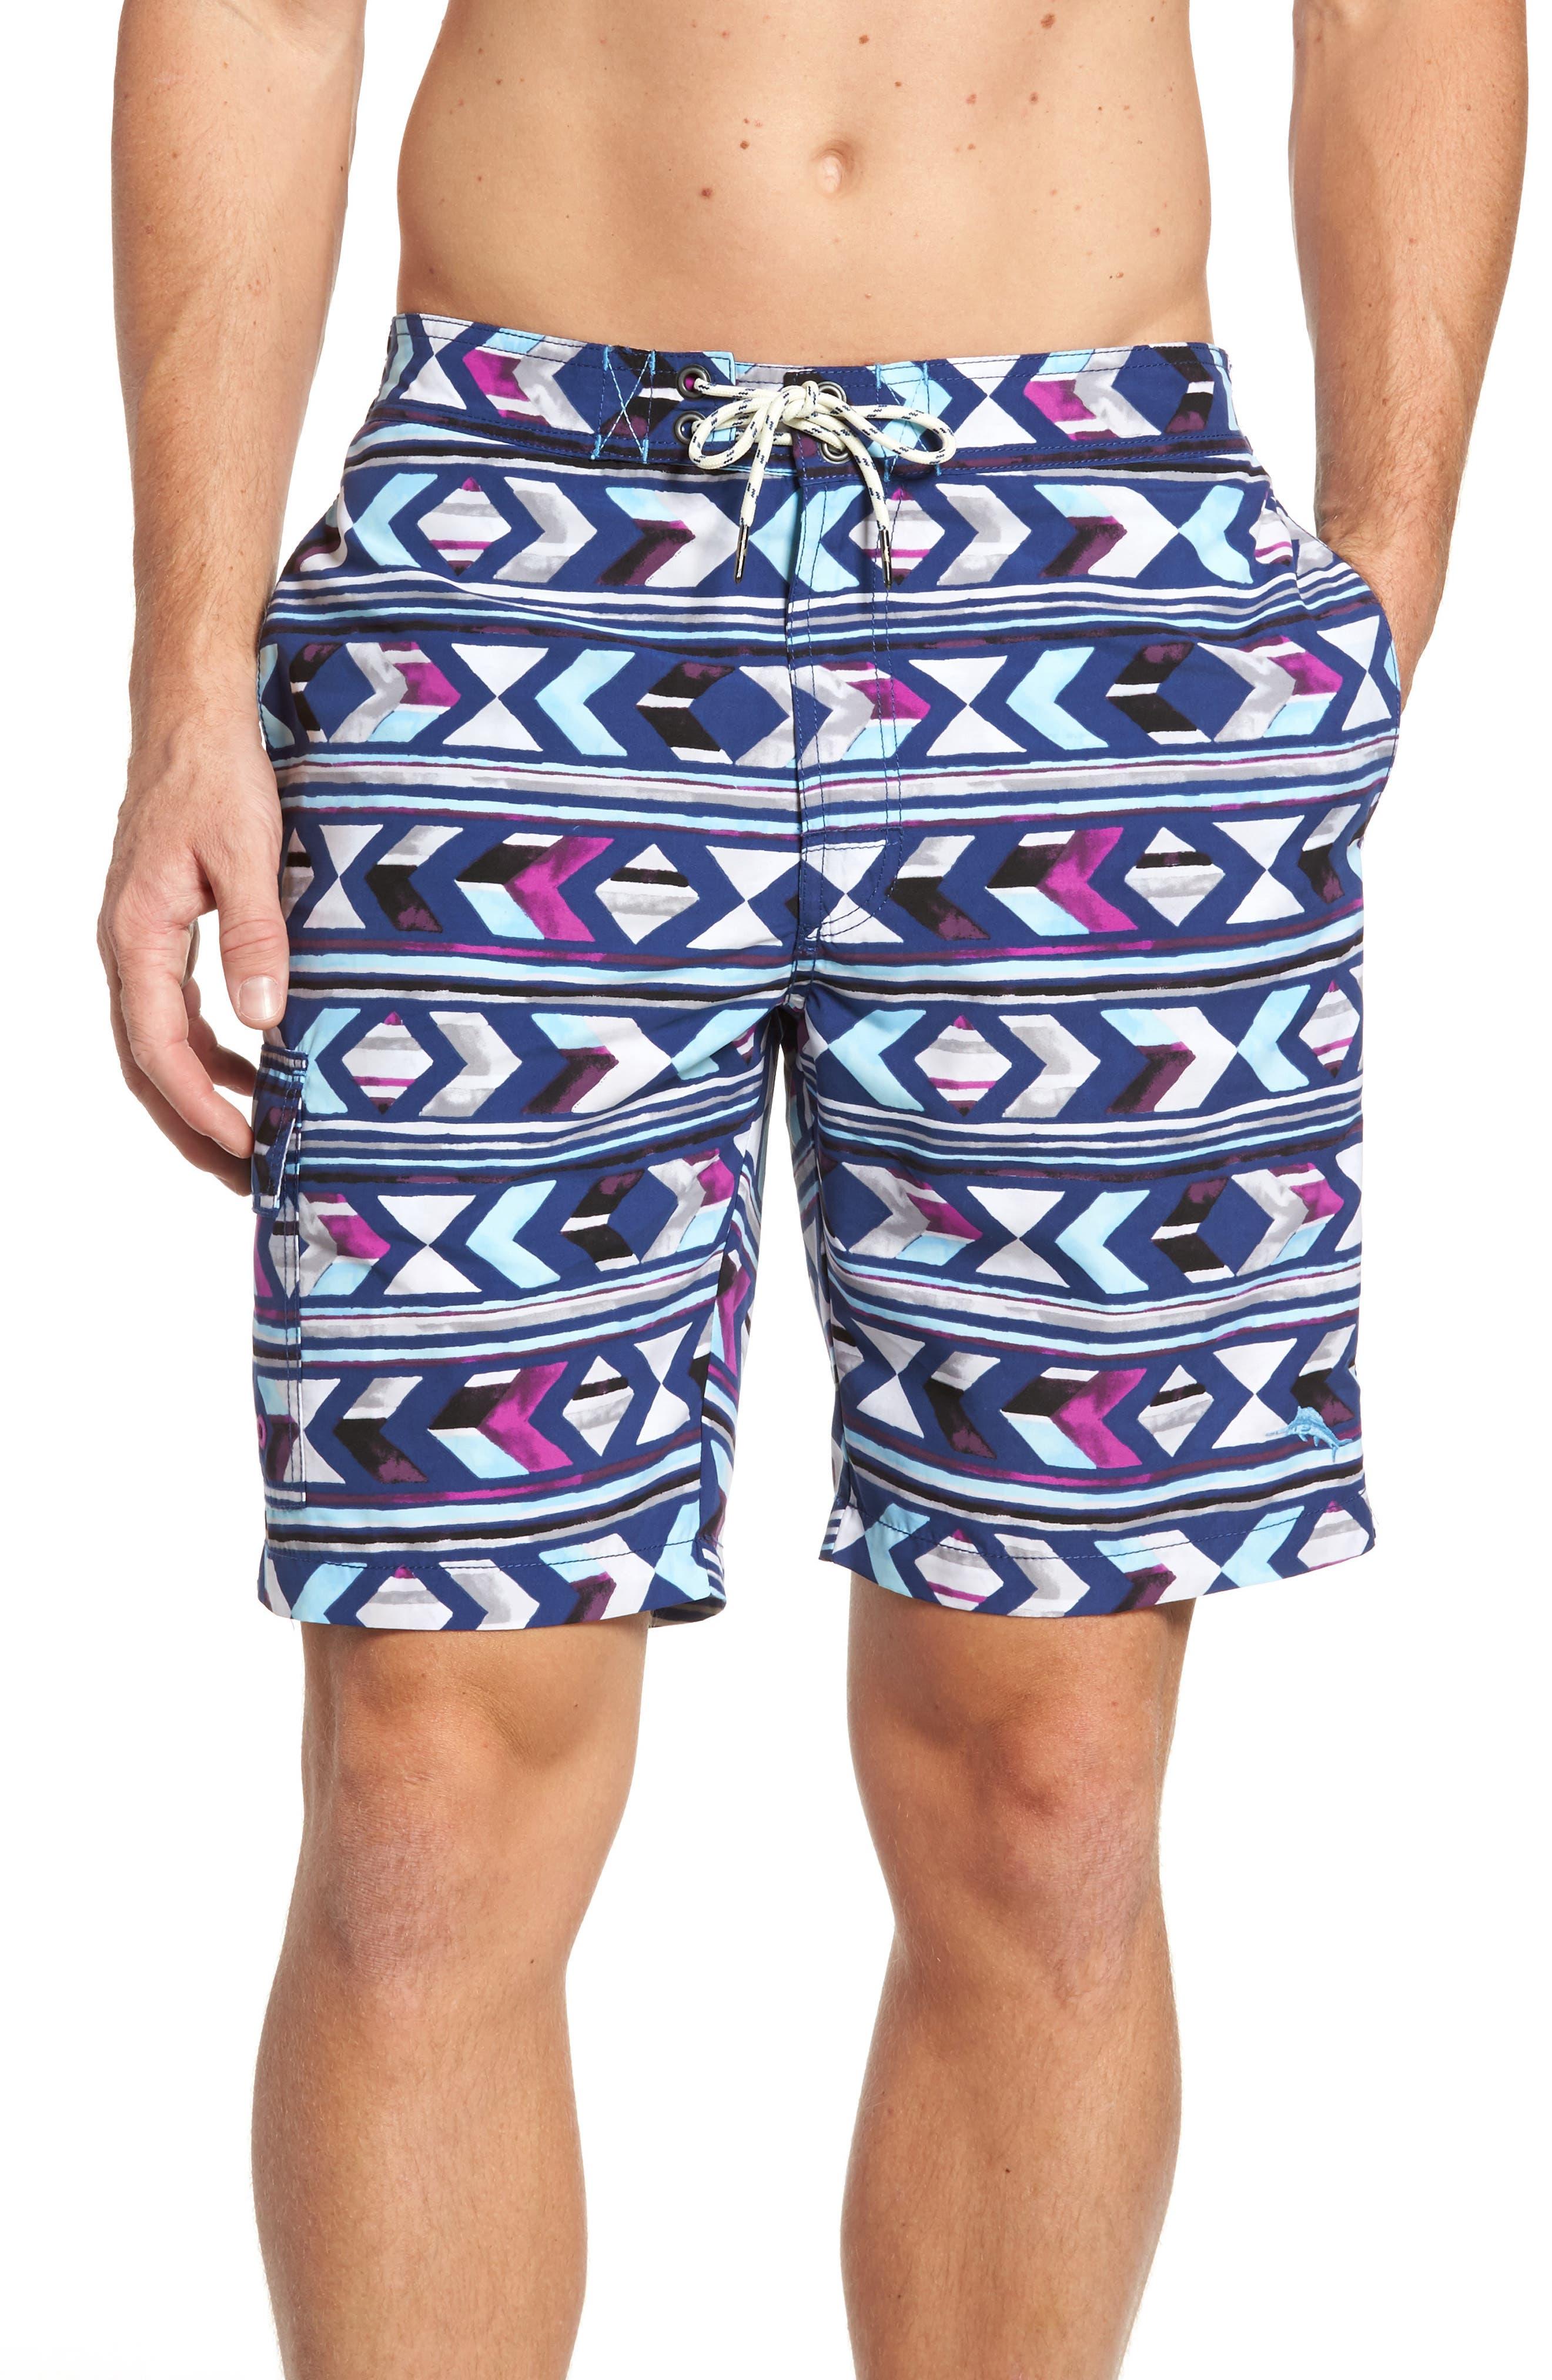 Alternate Image 1 Selected - Tommy Bahama Baja Aloha Arrow Board Shorts